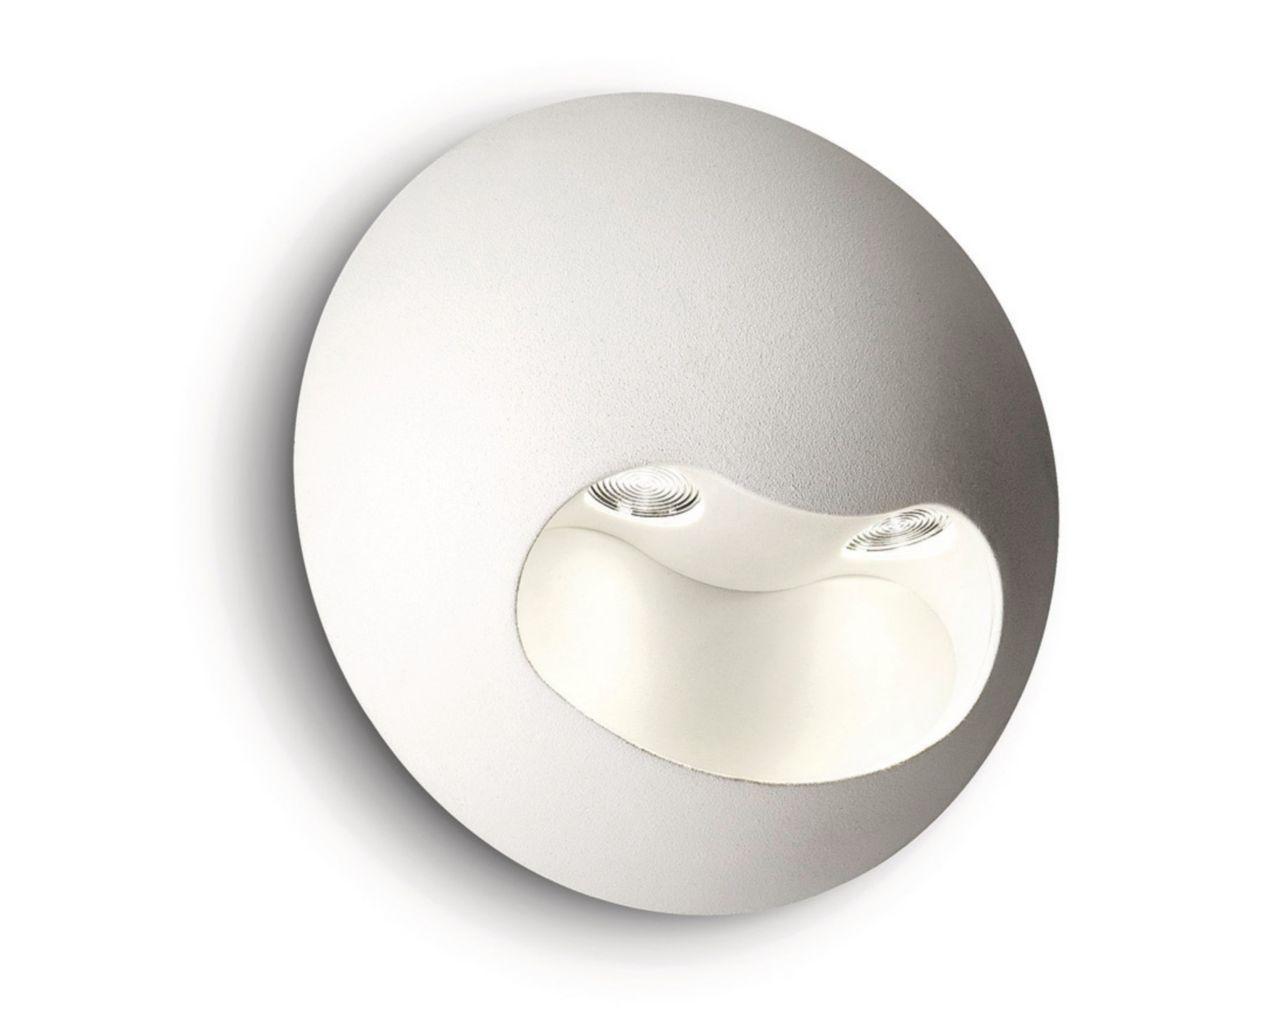 Настенный светильник Philips Milio, 2,5 Вт цена 2017